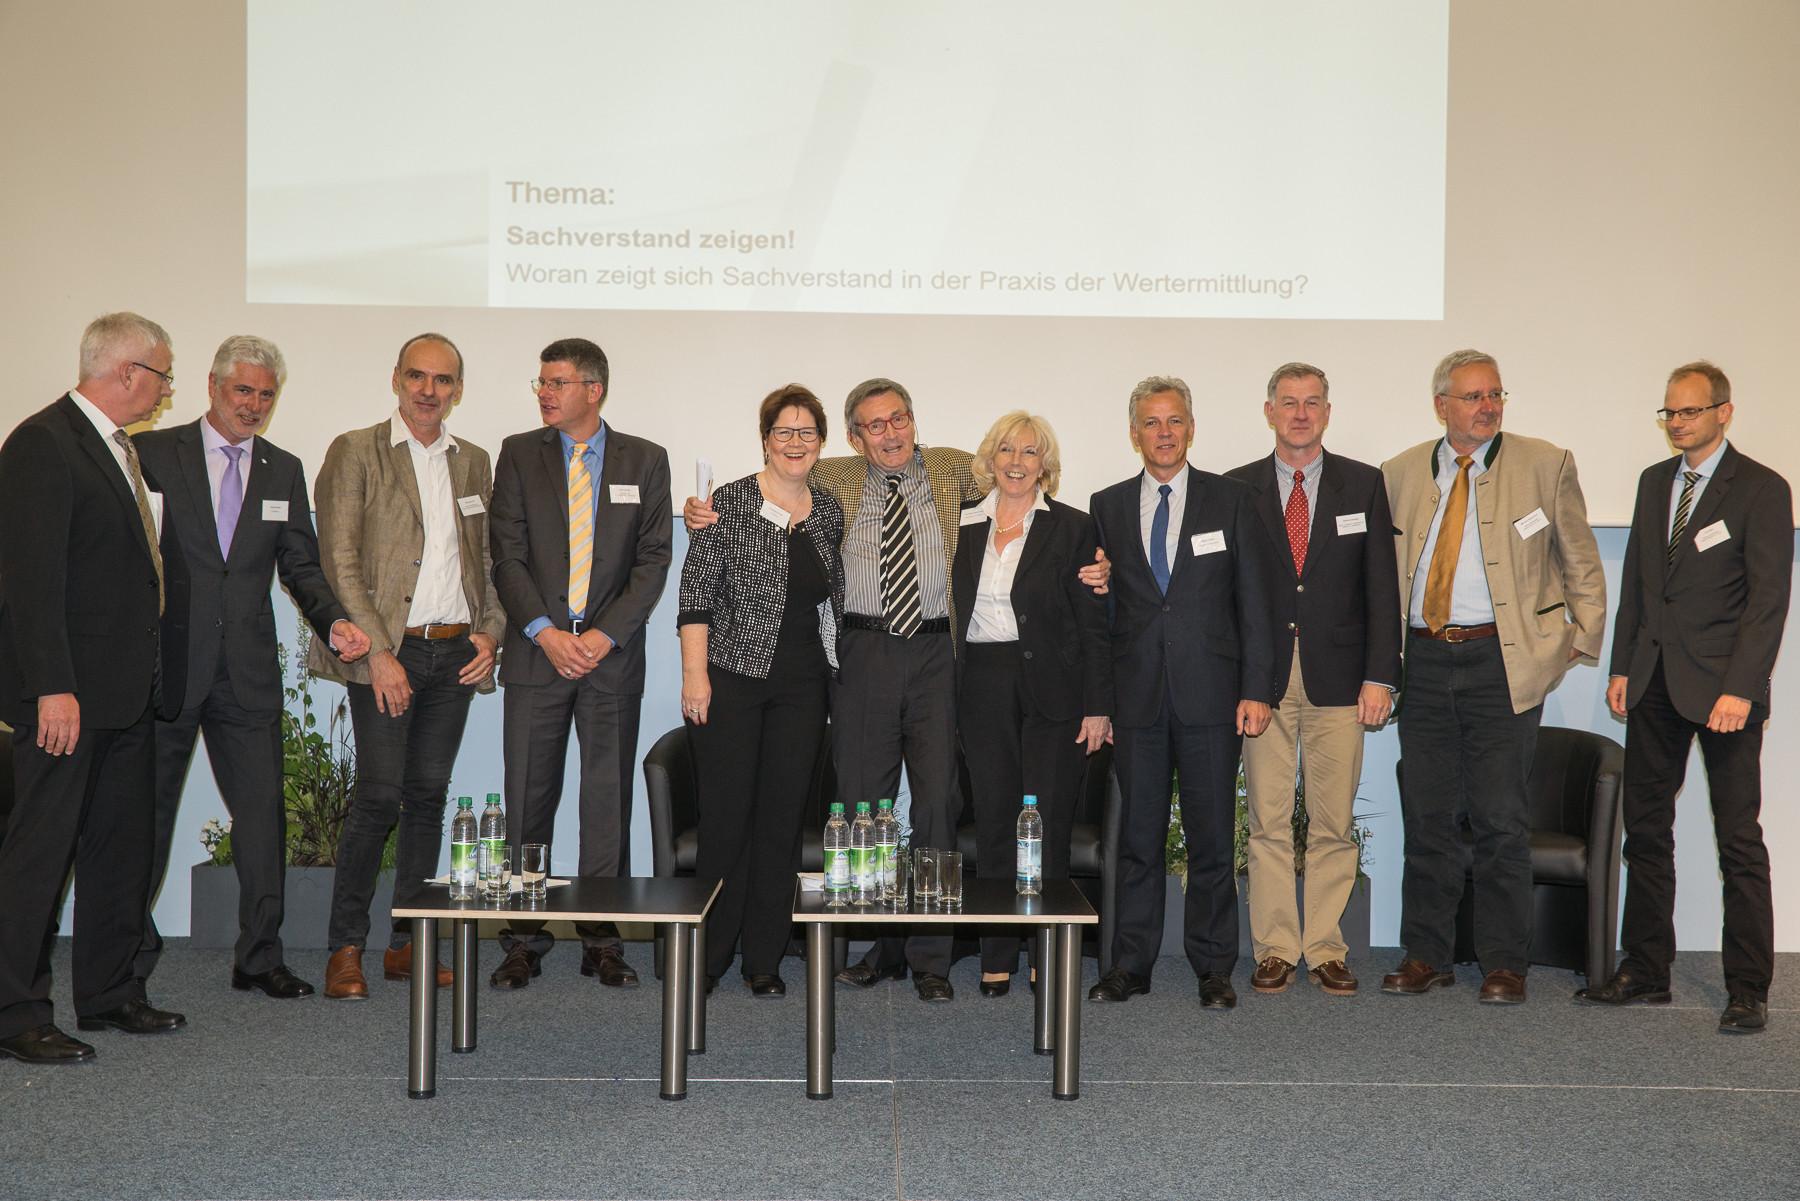 Stephan Schulz, Prof. Wolfgng Kleiber, Daniela Schaper, Volker Schlehe, Maximilian Karl, Berthold Grasberger, Herbert Schlatt, Anna Maria Tuscher-Sauer